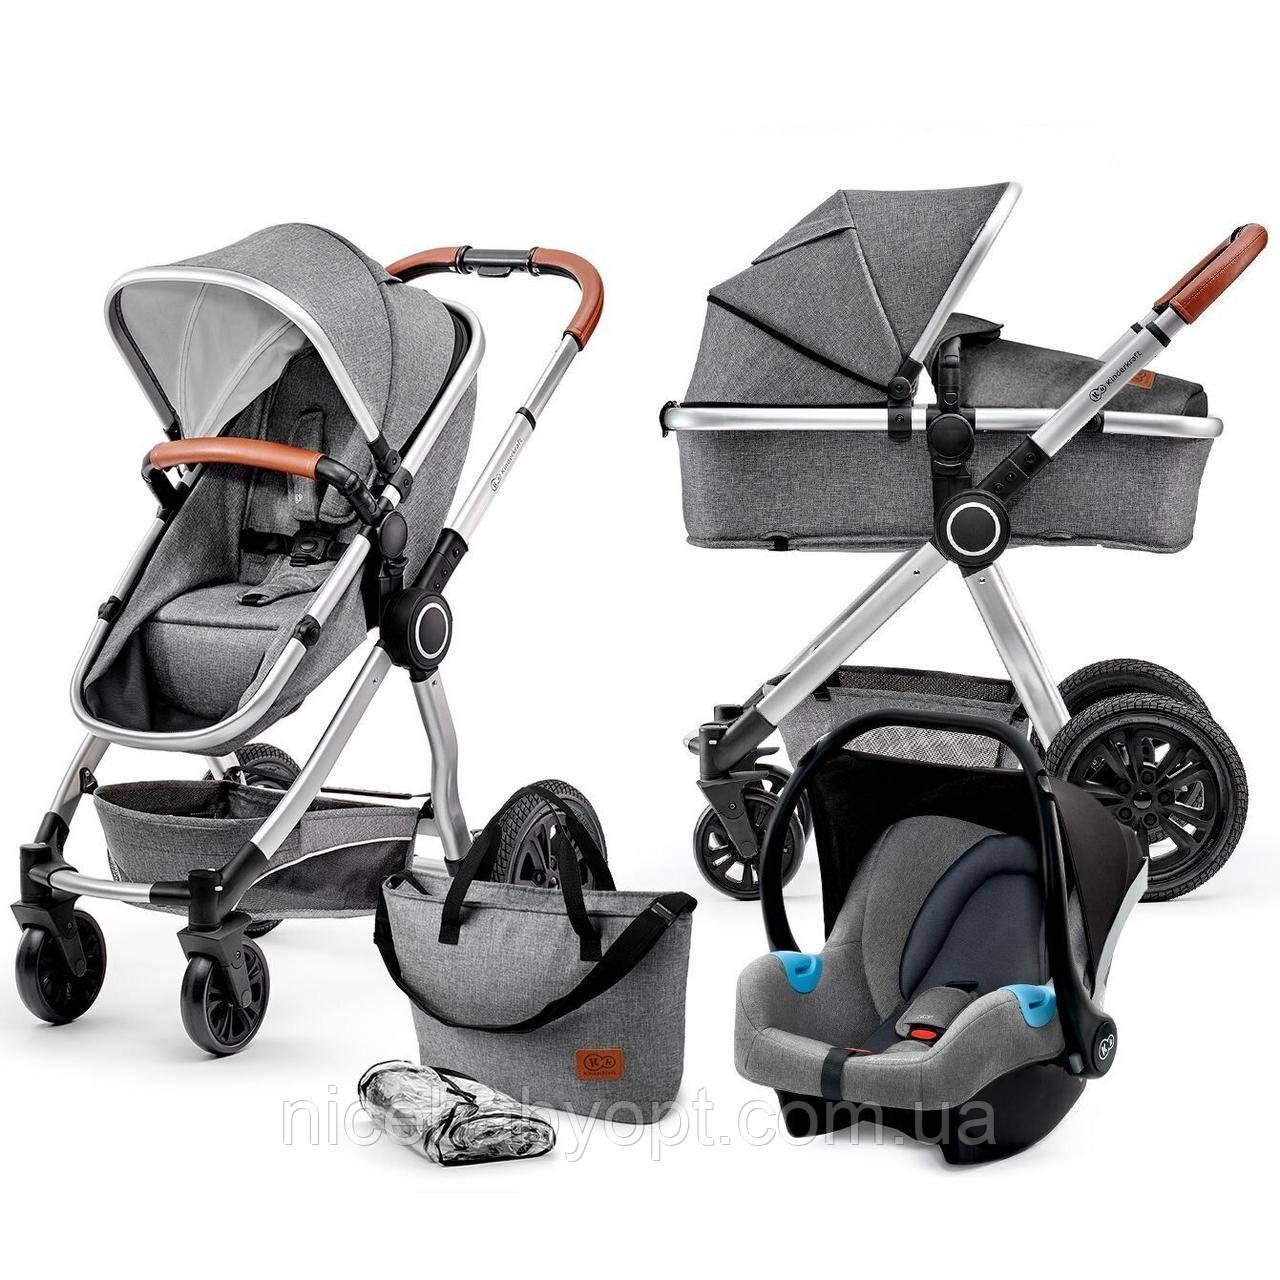 Универсальная коляска 3 в 1 Kinderkraft Veo Gray (KKWVEOGRY30000)